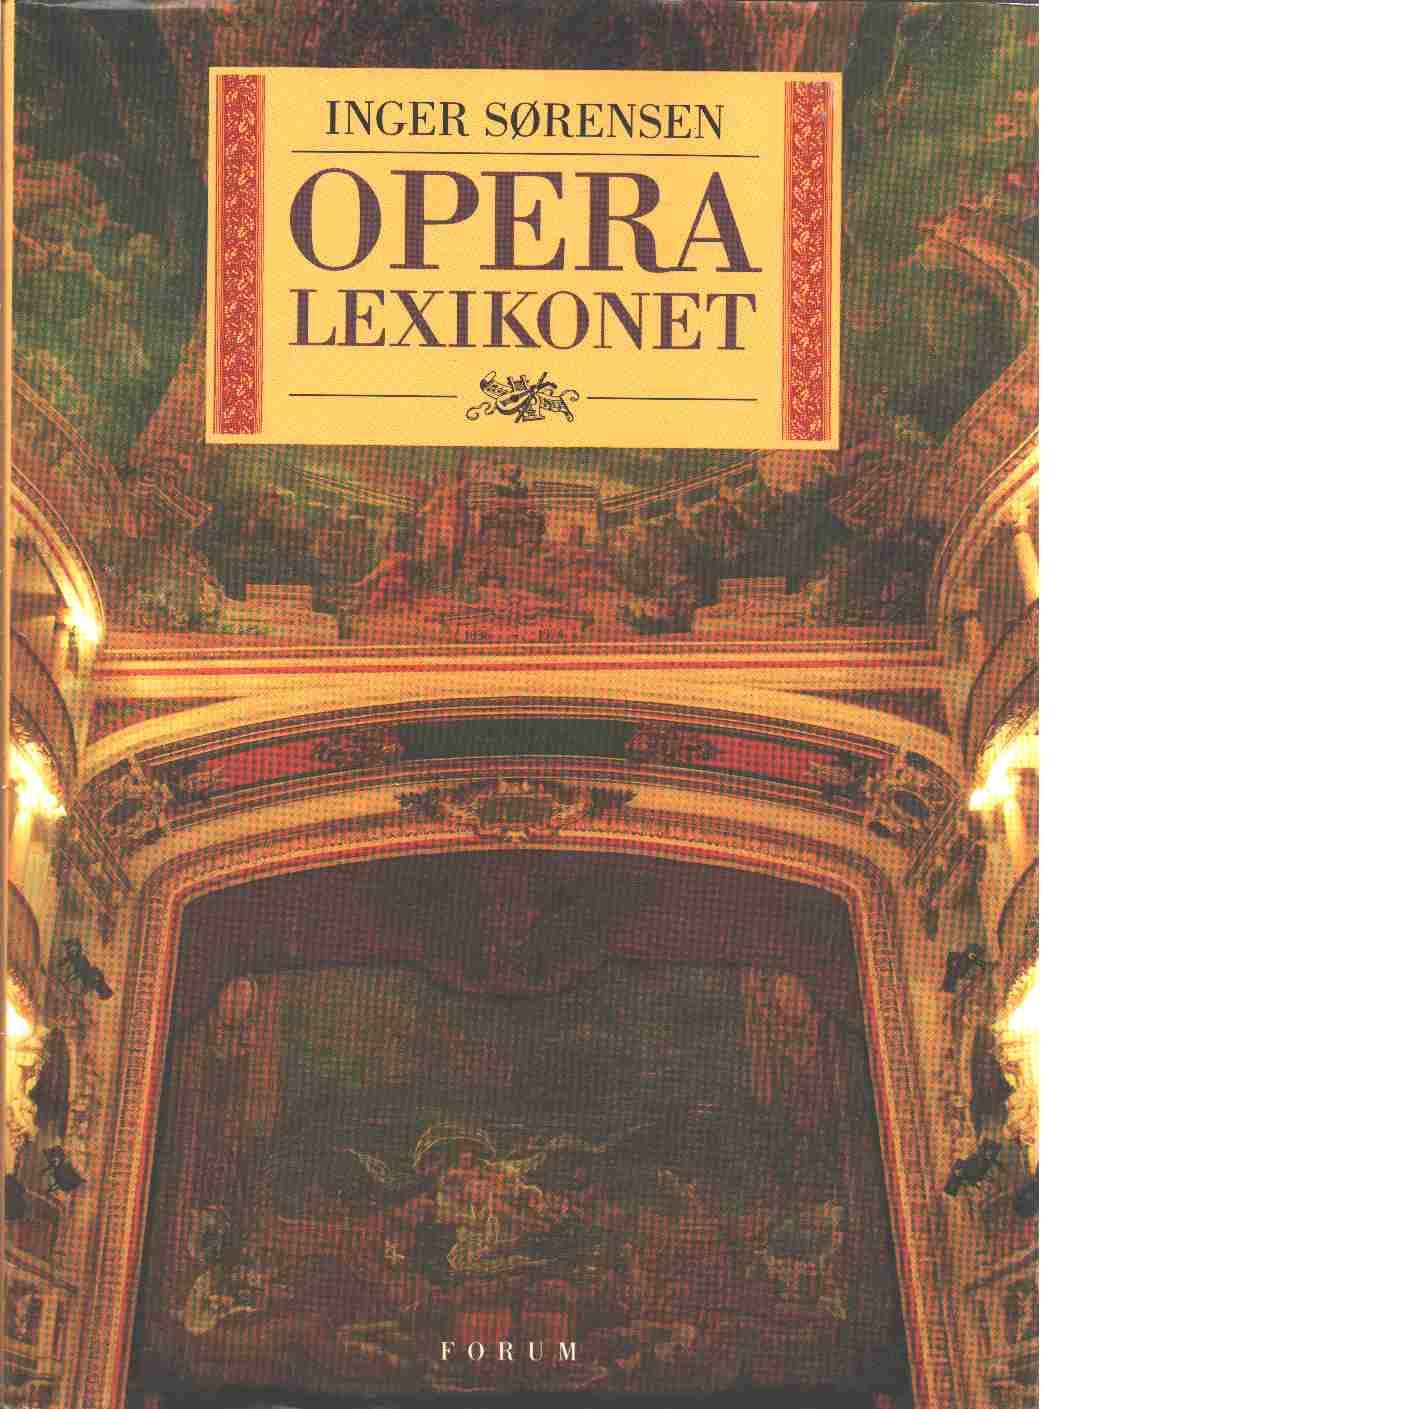 Operalexikonet - Sørensen, Inger